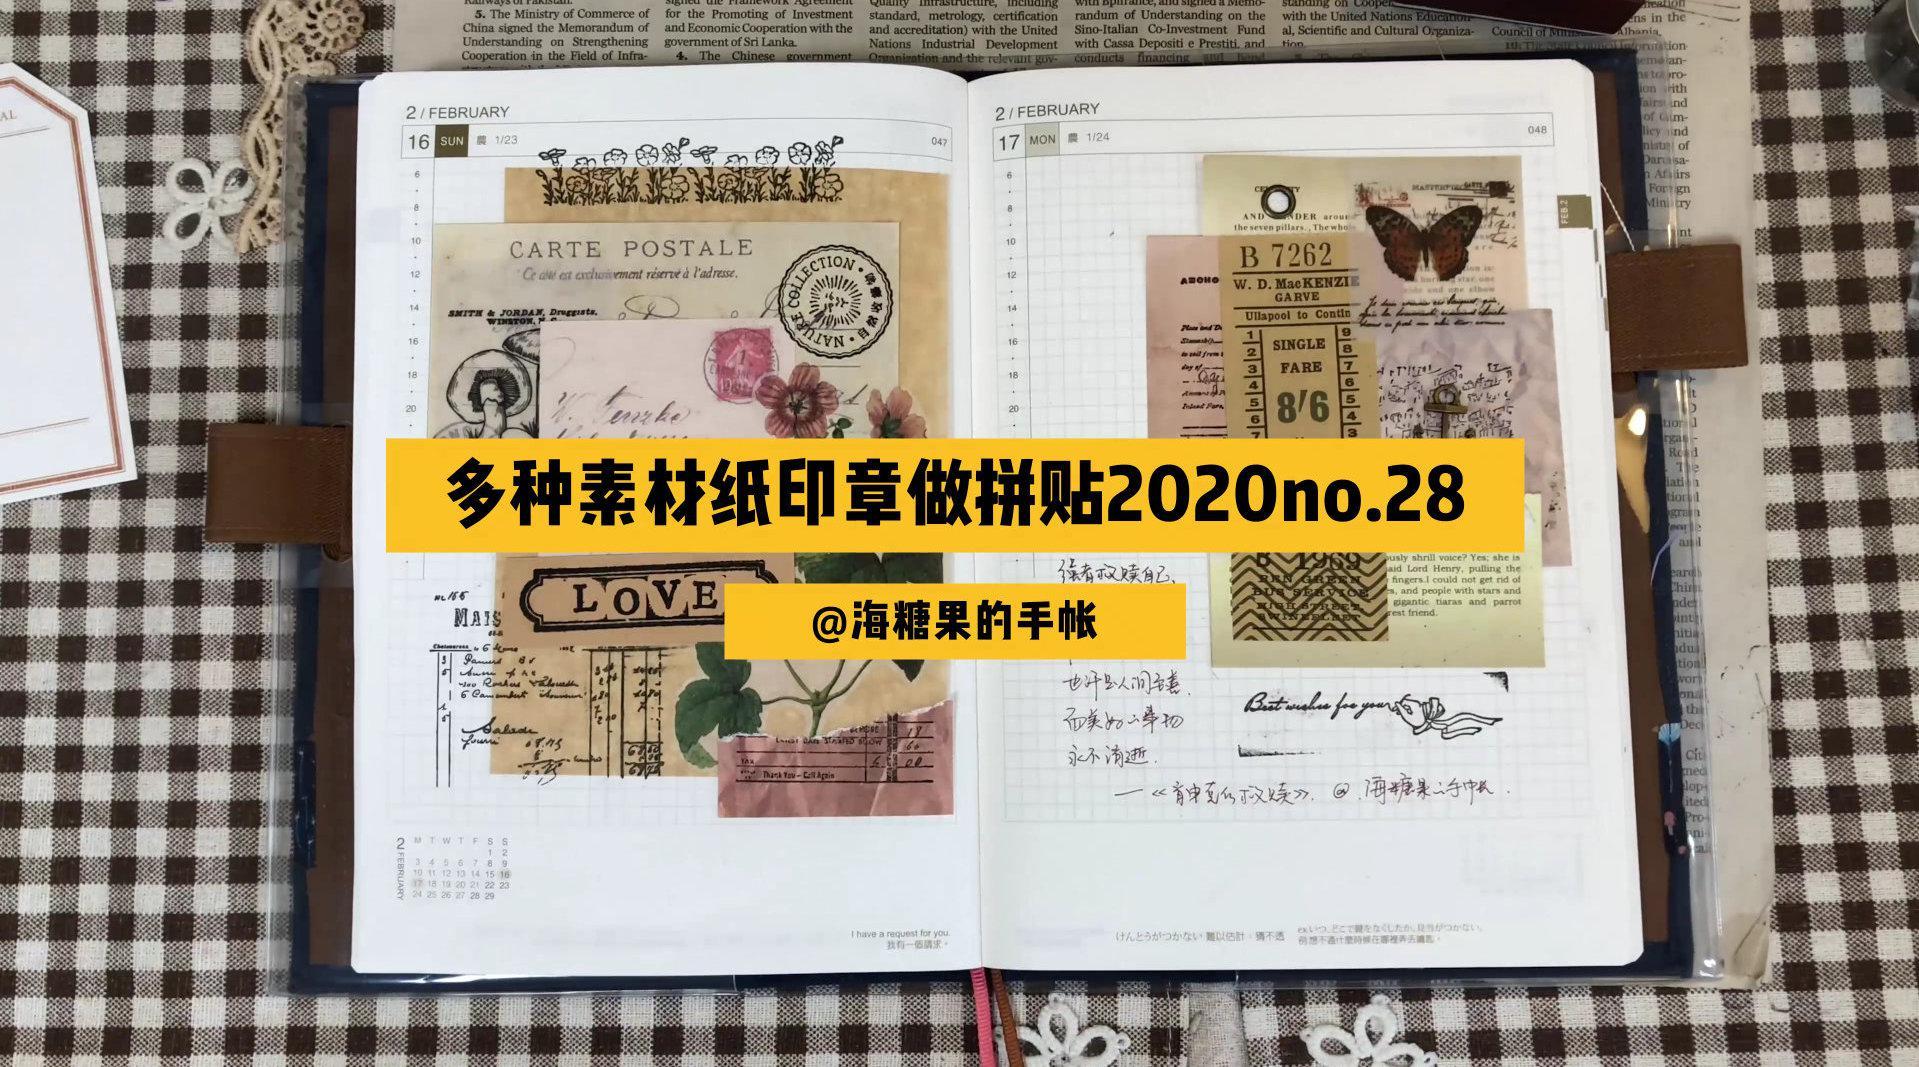 ✄✄✄ ⒽⓉⒼ 202000813 ✄✄✄ ~~~~~~~~~~~~~~ ◎素材纸和印章